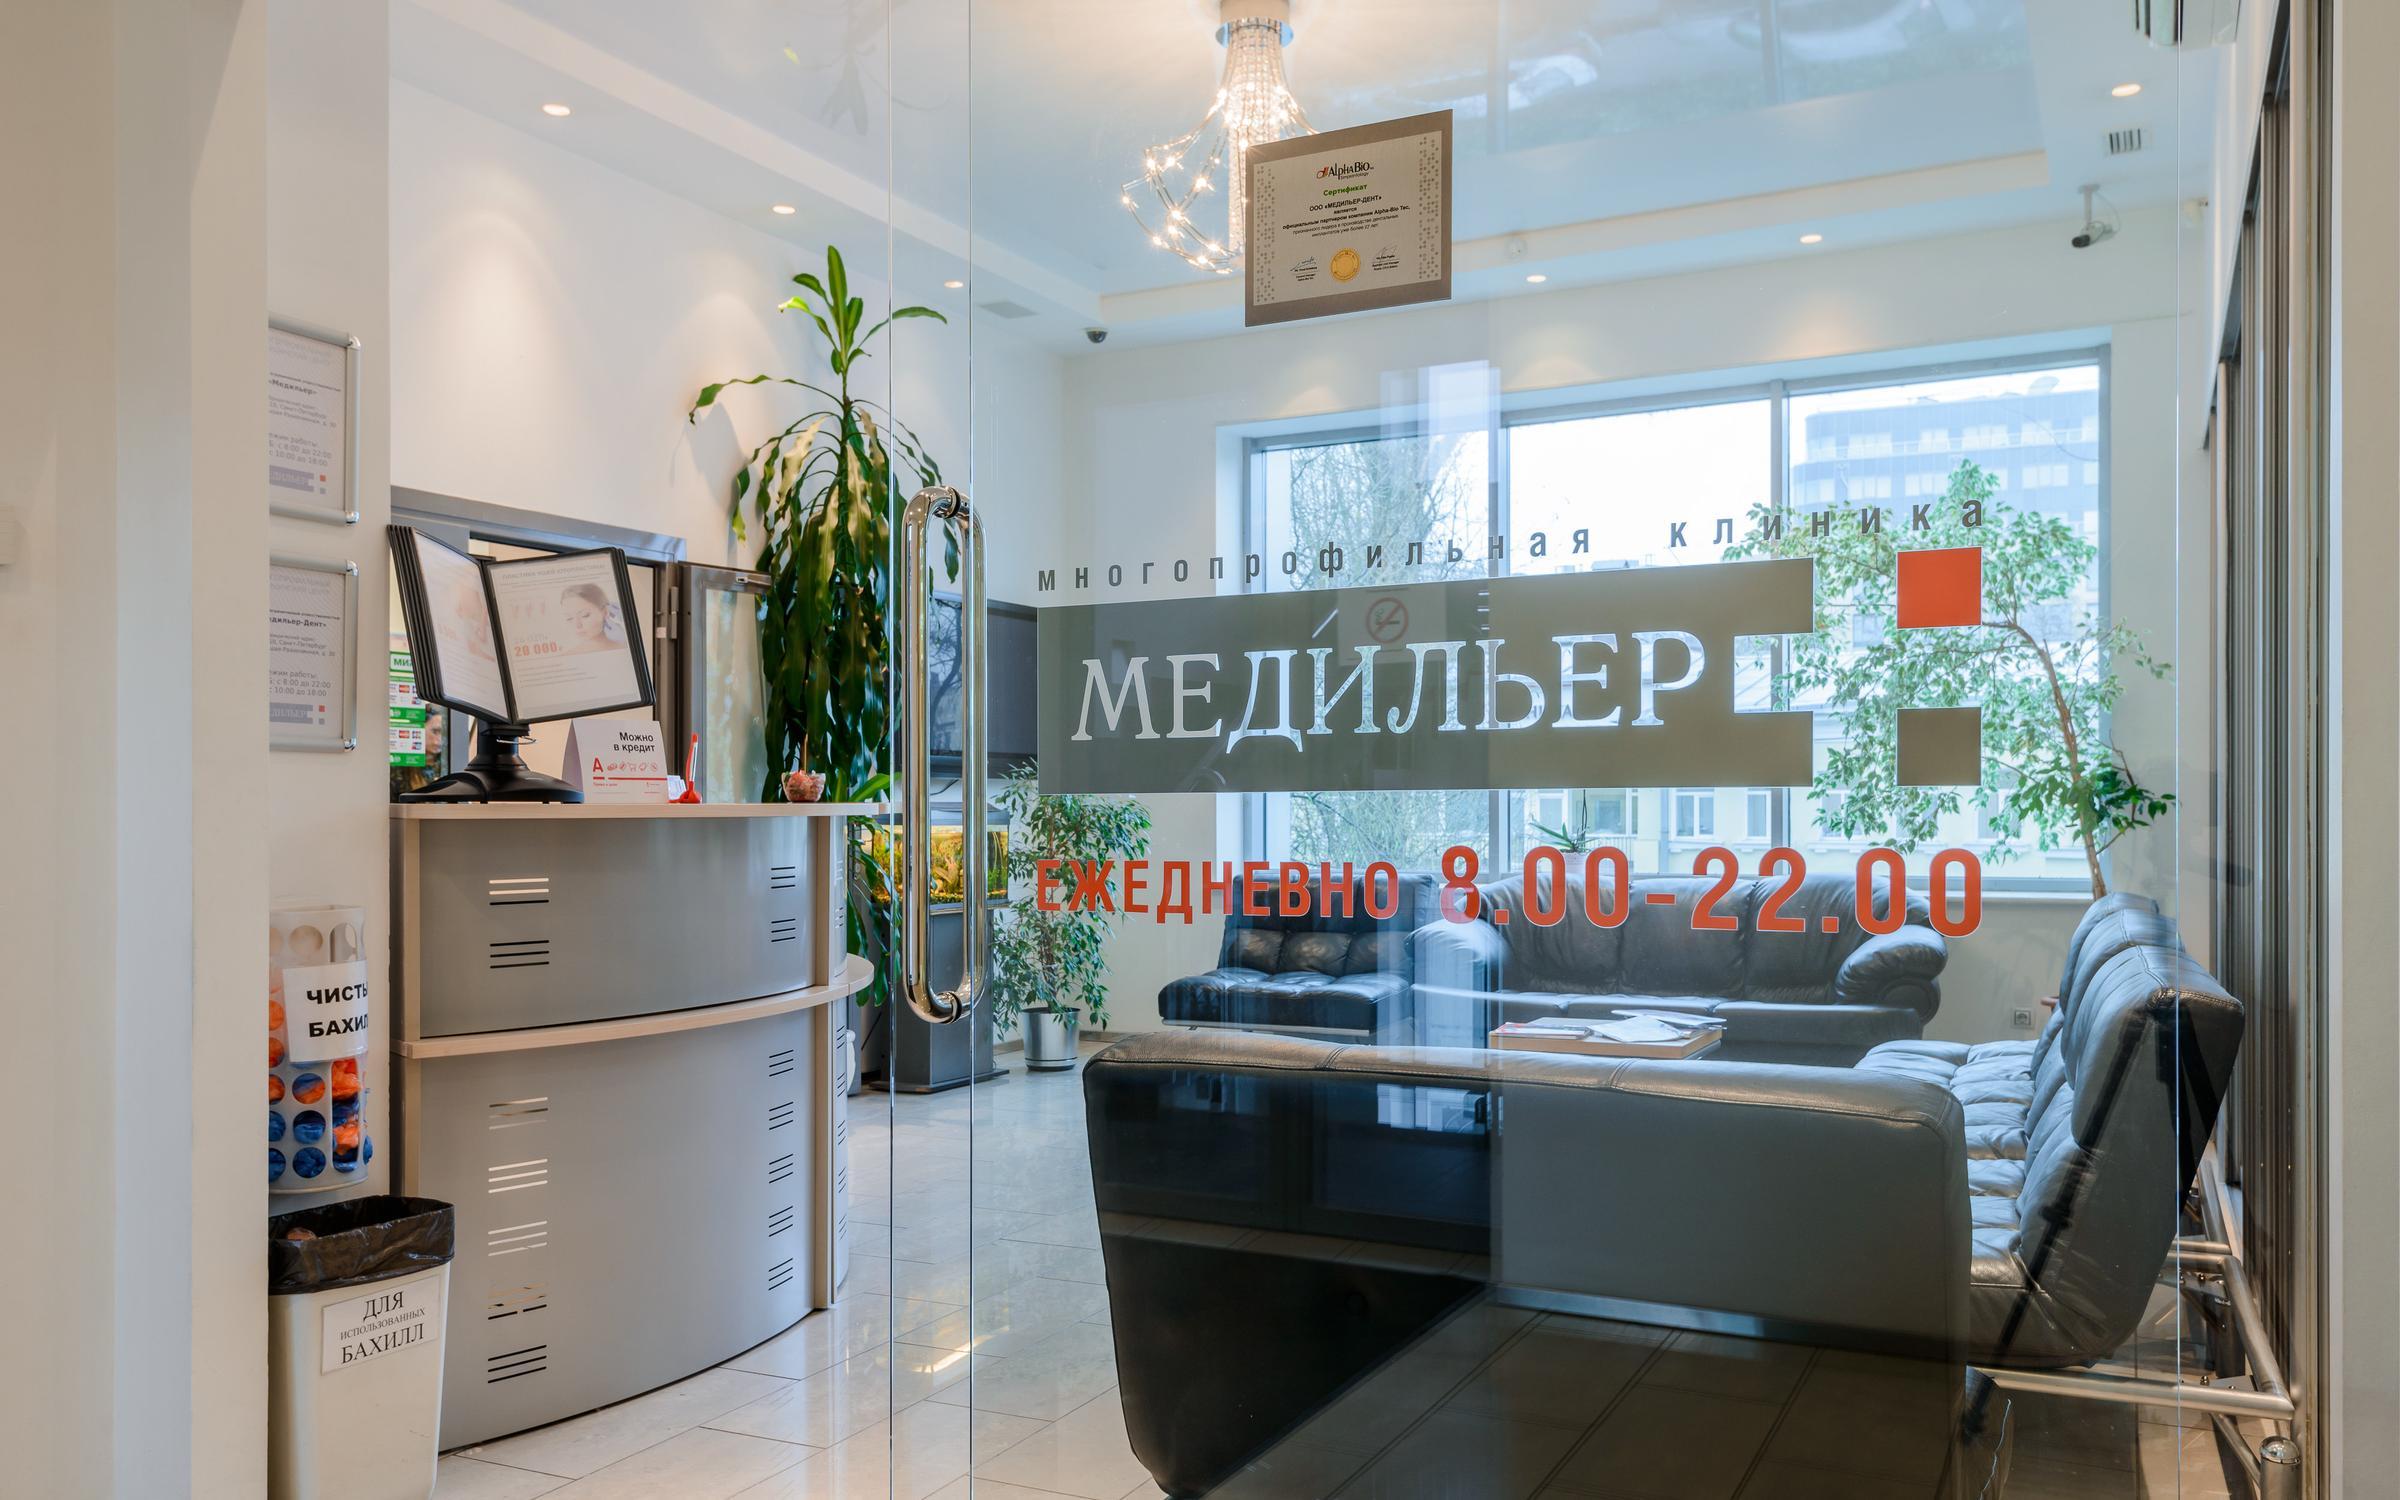 фотография Многопрофильной клиники Медильер в Петроградском районе